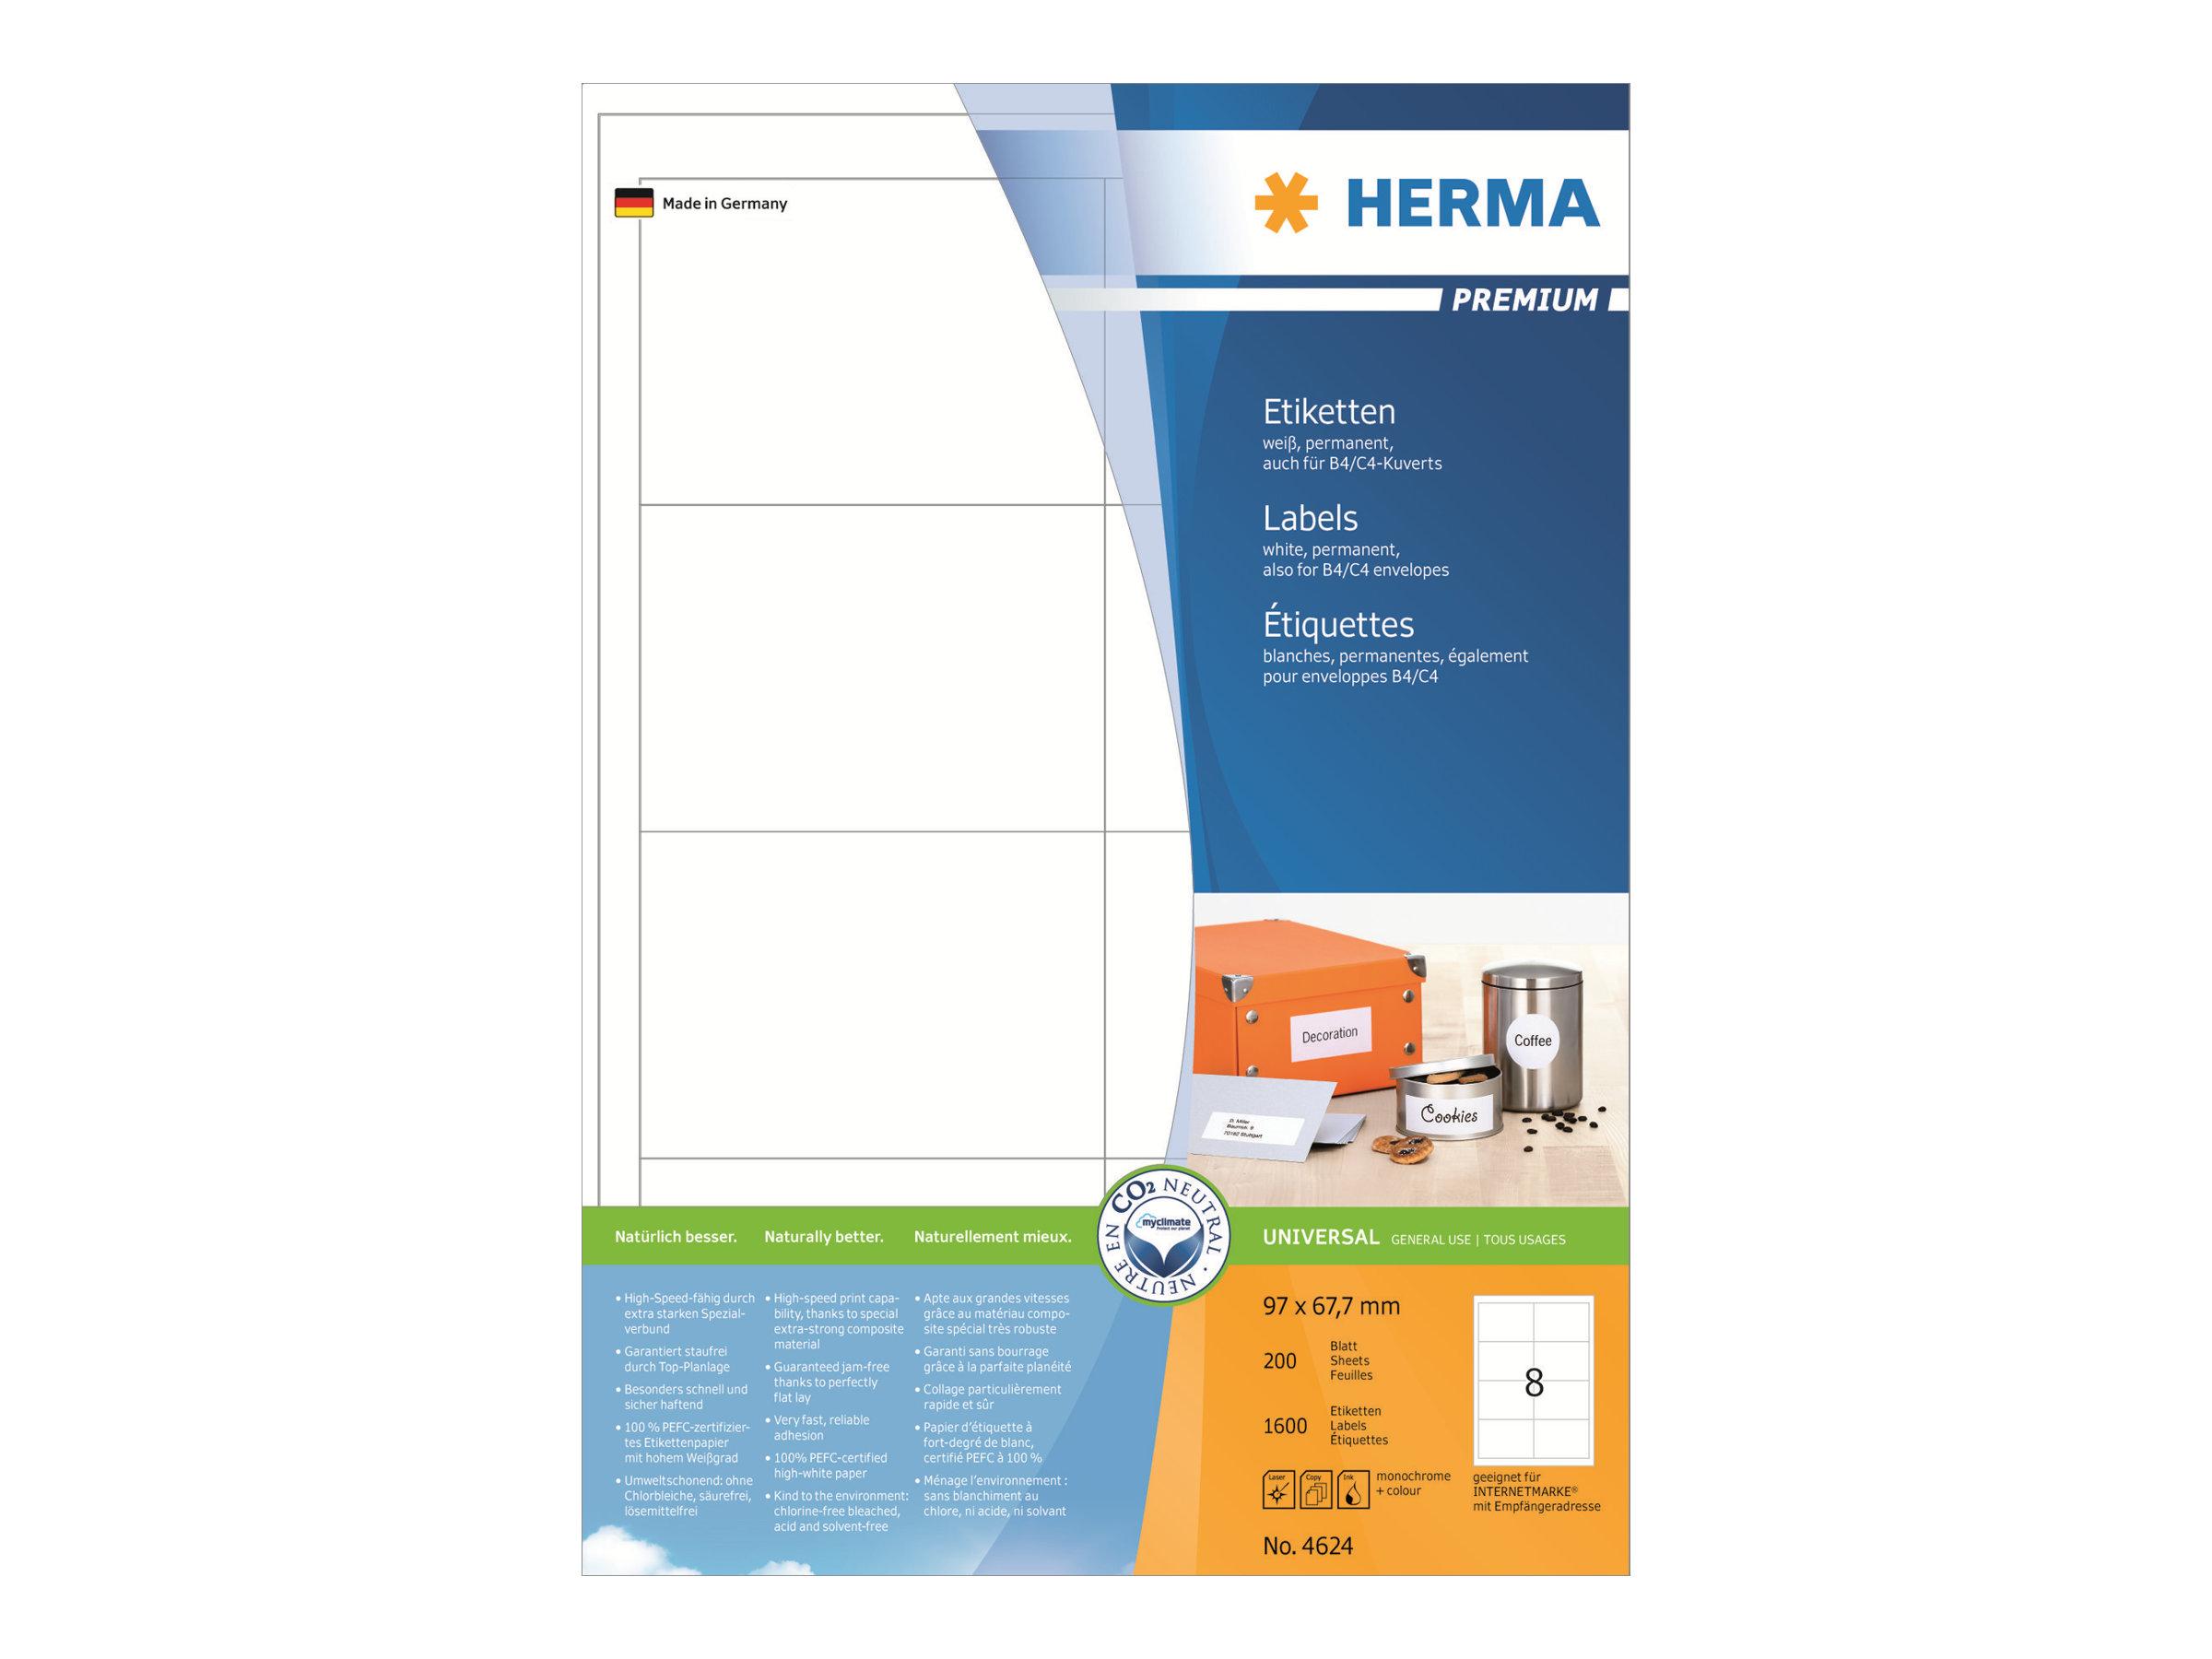 HERMA Premium - Papier - matt - permanent selbstklebend - weiß - 97 x 67.7 mm 1600 Etikett(en) (200 Bogen x 8)